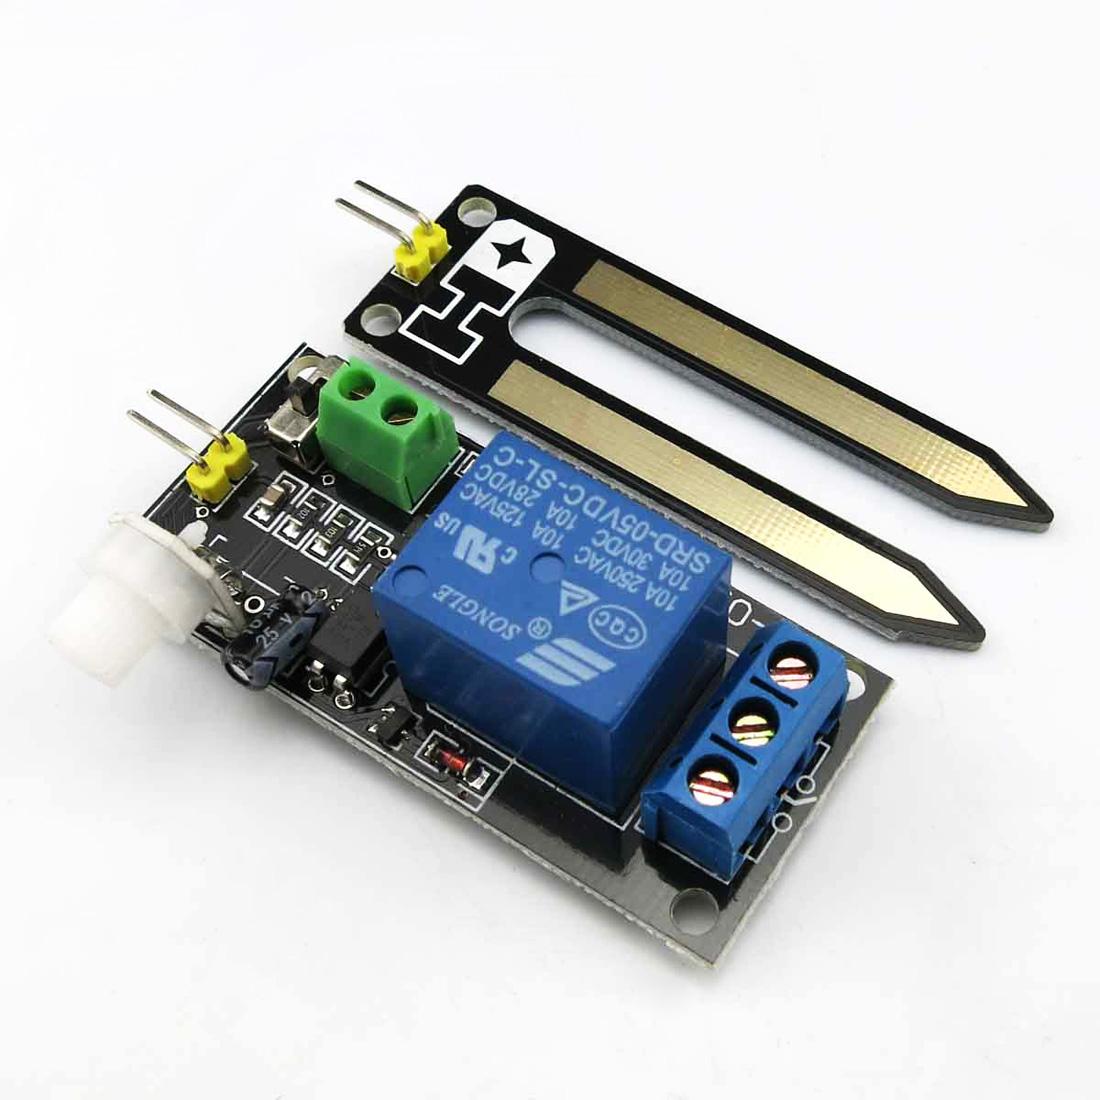 首页 电路配件 传感器模块 继电器土壤湿度传感器 自动浇花传感器 pcb